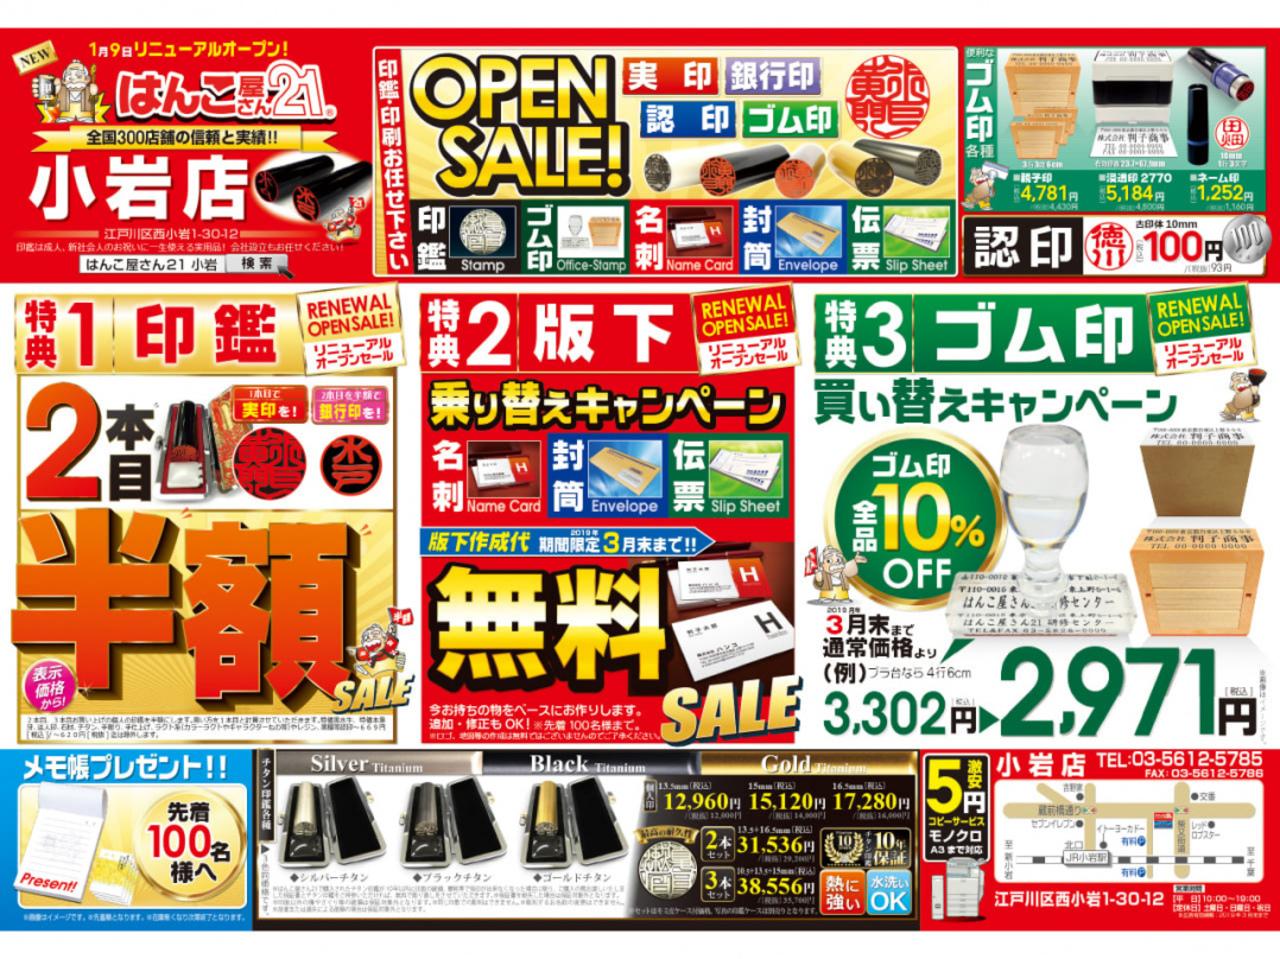 【はんこ屋さん21小岩店】2019年1月9日~リニューアルオープン記念セール